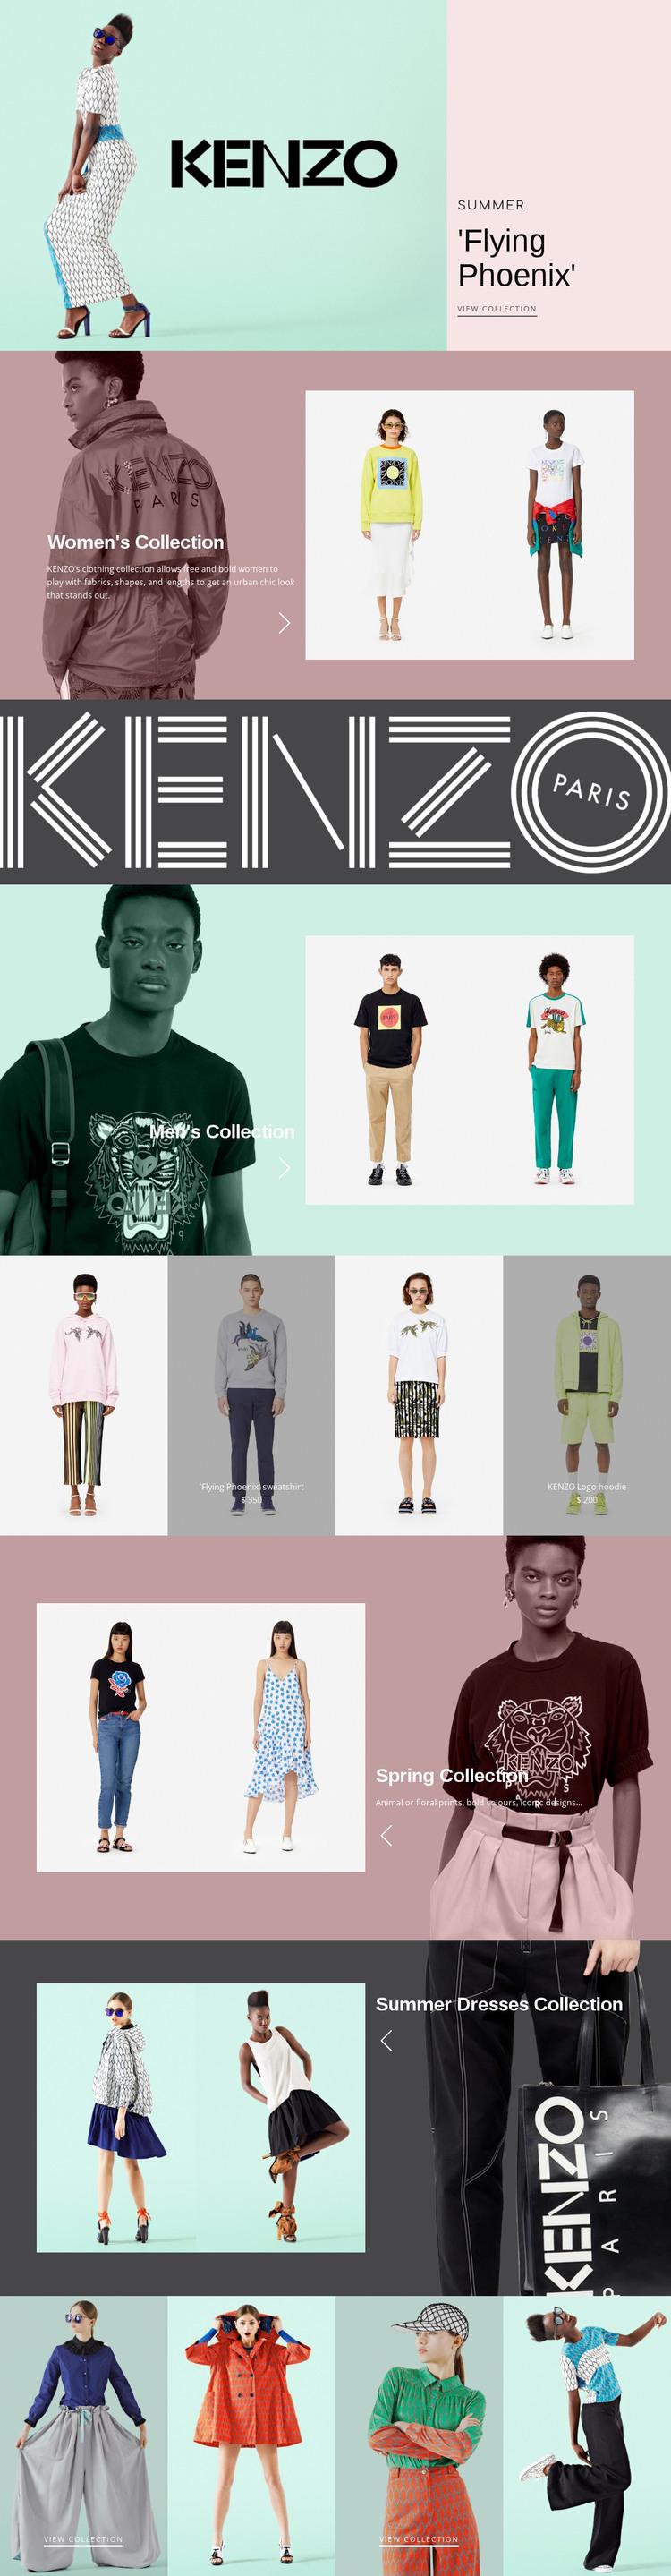 Atelier of modern fashion WordPress Theme